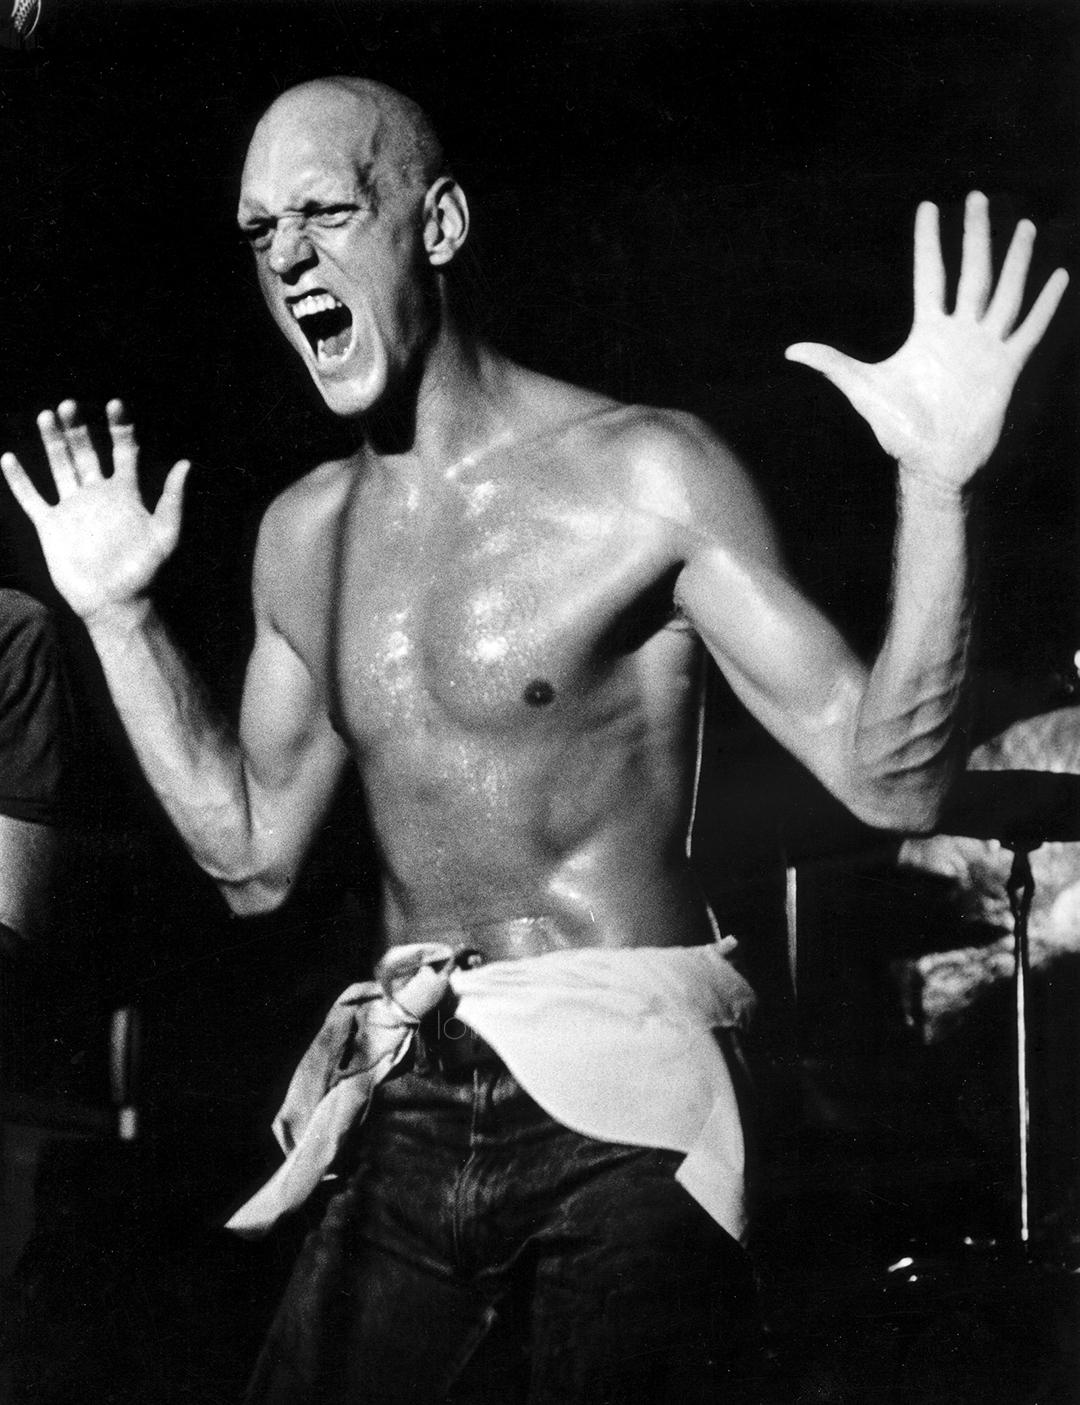 Peter Garrett, Lead singer of Midnight Oil, Sydney, 1983